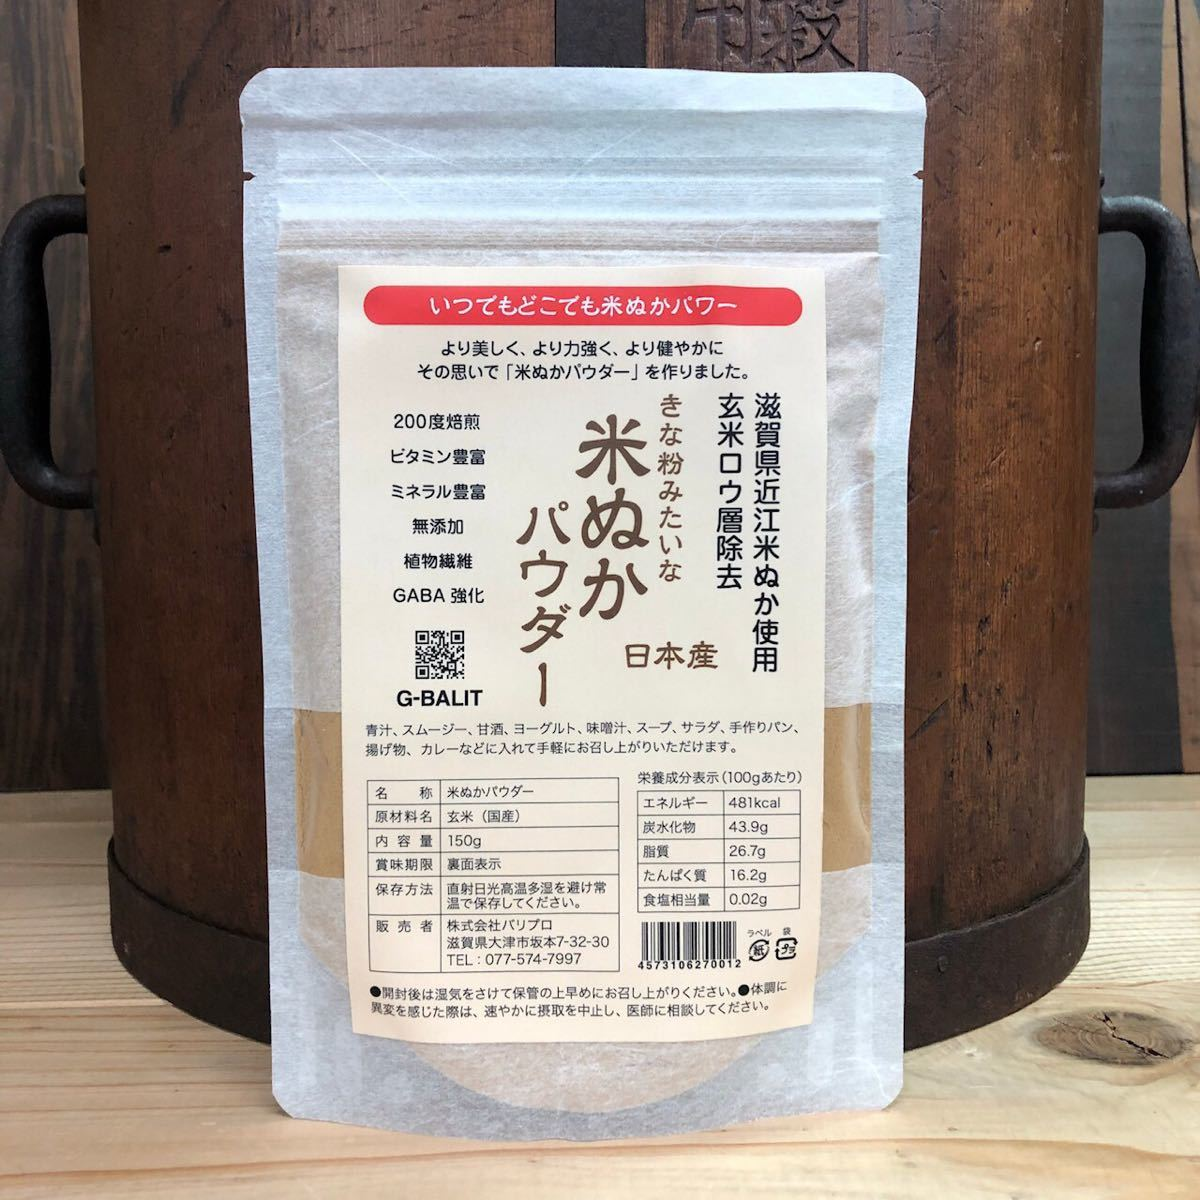 きな粉のような米ぬかパウダー 500g 滋賀県産無農薬近江米ぬか使用 米ぬか 無添加 食物繊維 ビタミン B ビタミンE ミネラル UP HADOO_画像1